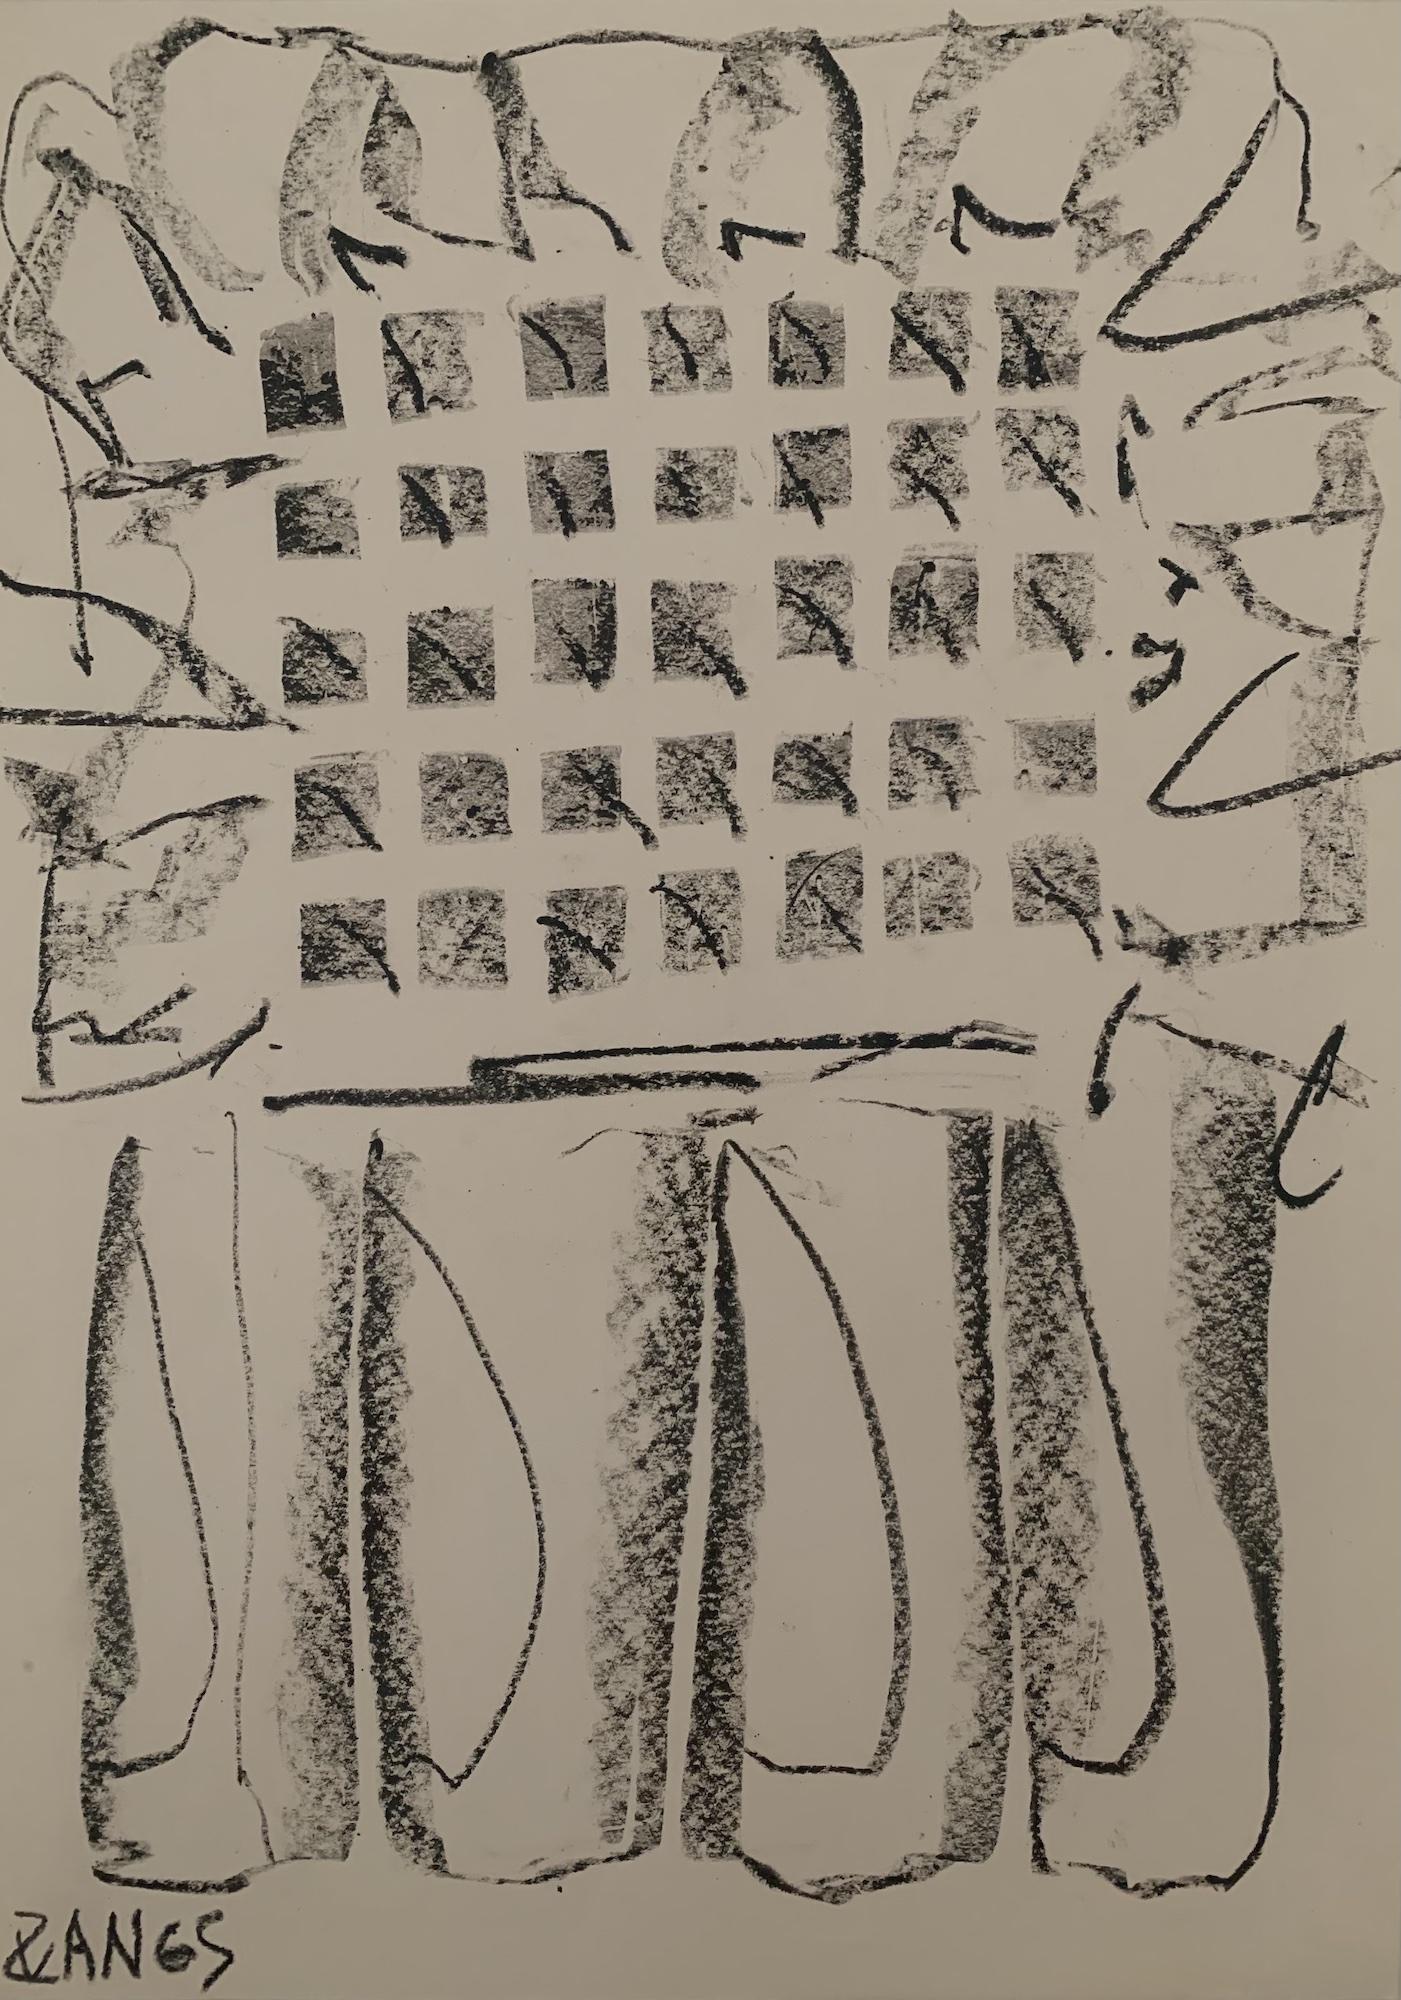 21 – Herbert Zangs (1924 – 2003)<br><br>Ohne Titel / Skizze einer Expansion<br>Kreide auf Papier<br>43,3 x 30,5 cm<br>links unten signiert<br>rückseitig Nachlass-Stempel<br>Provenienz: Nachlass des Künstlers<br>Die Arbeit ist in das das Herbert Zangs Nachlass-Archiv Maulberger aufgenommen.